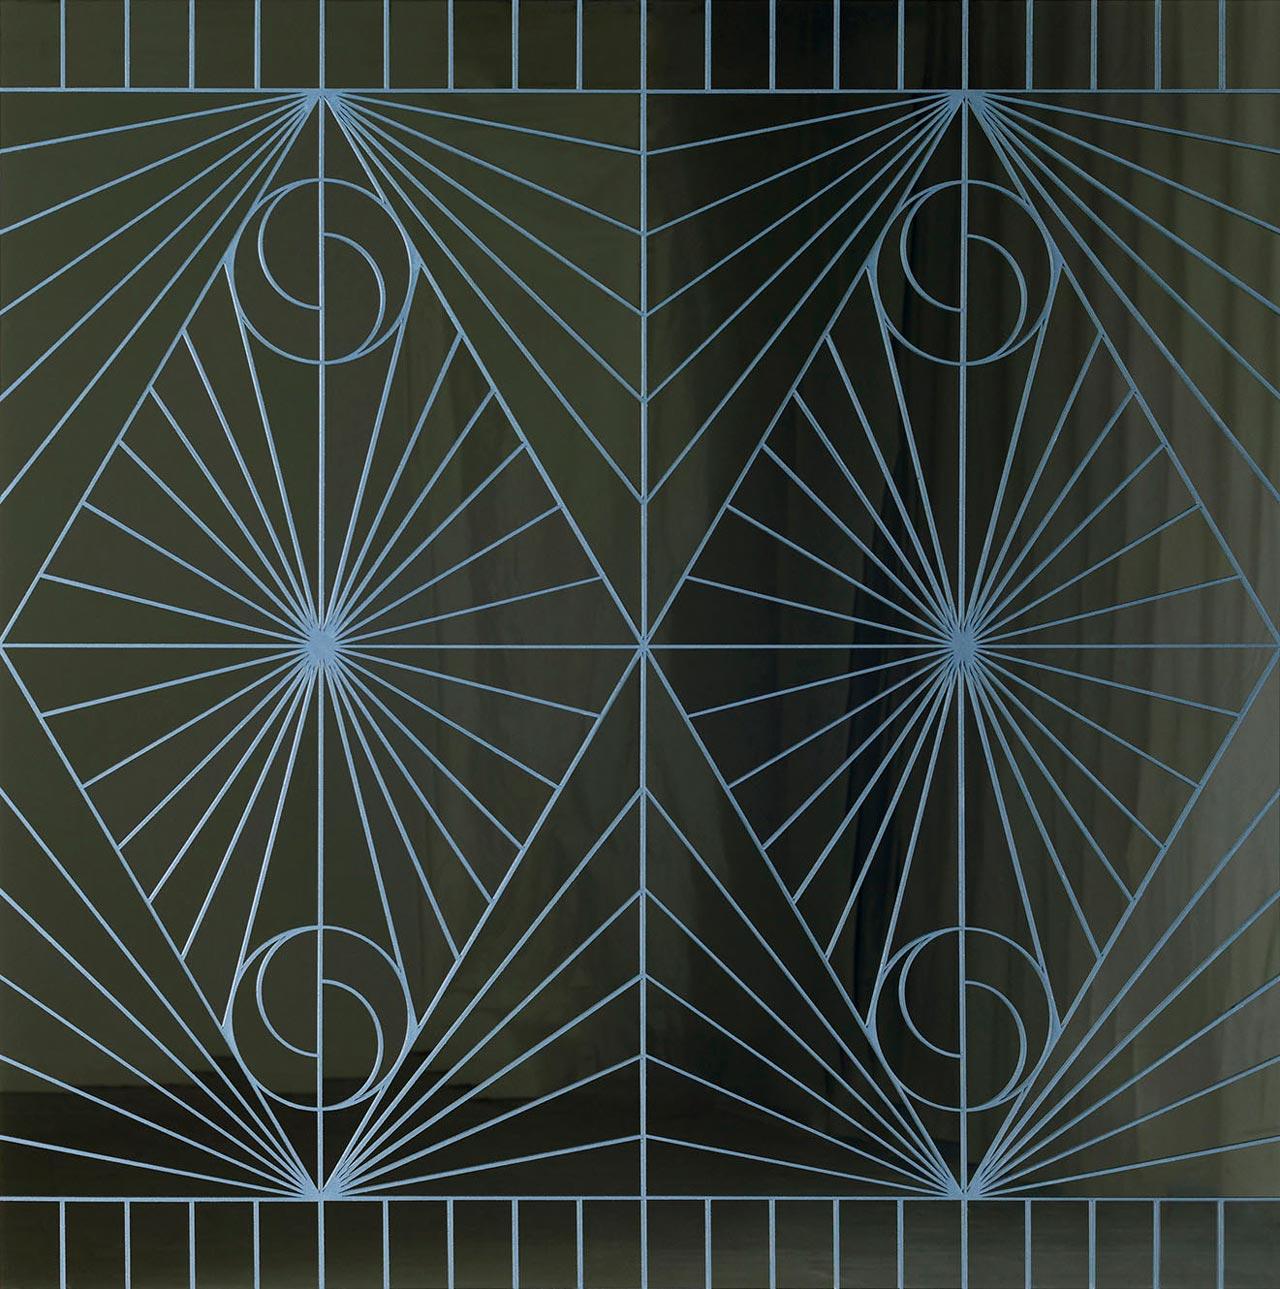 Untitled (Ying Yang Fence)